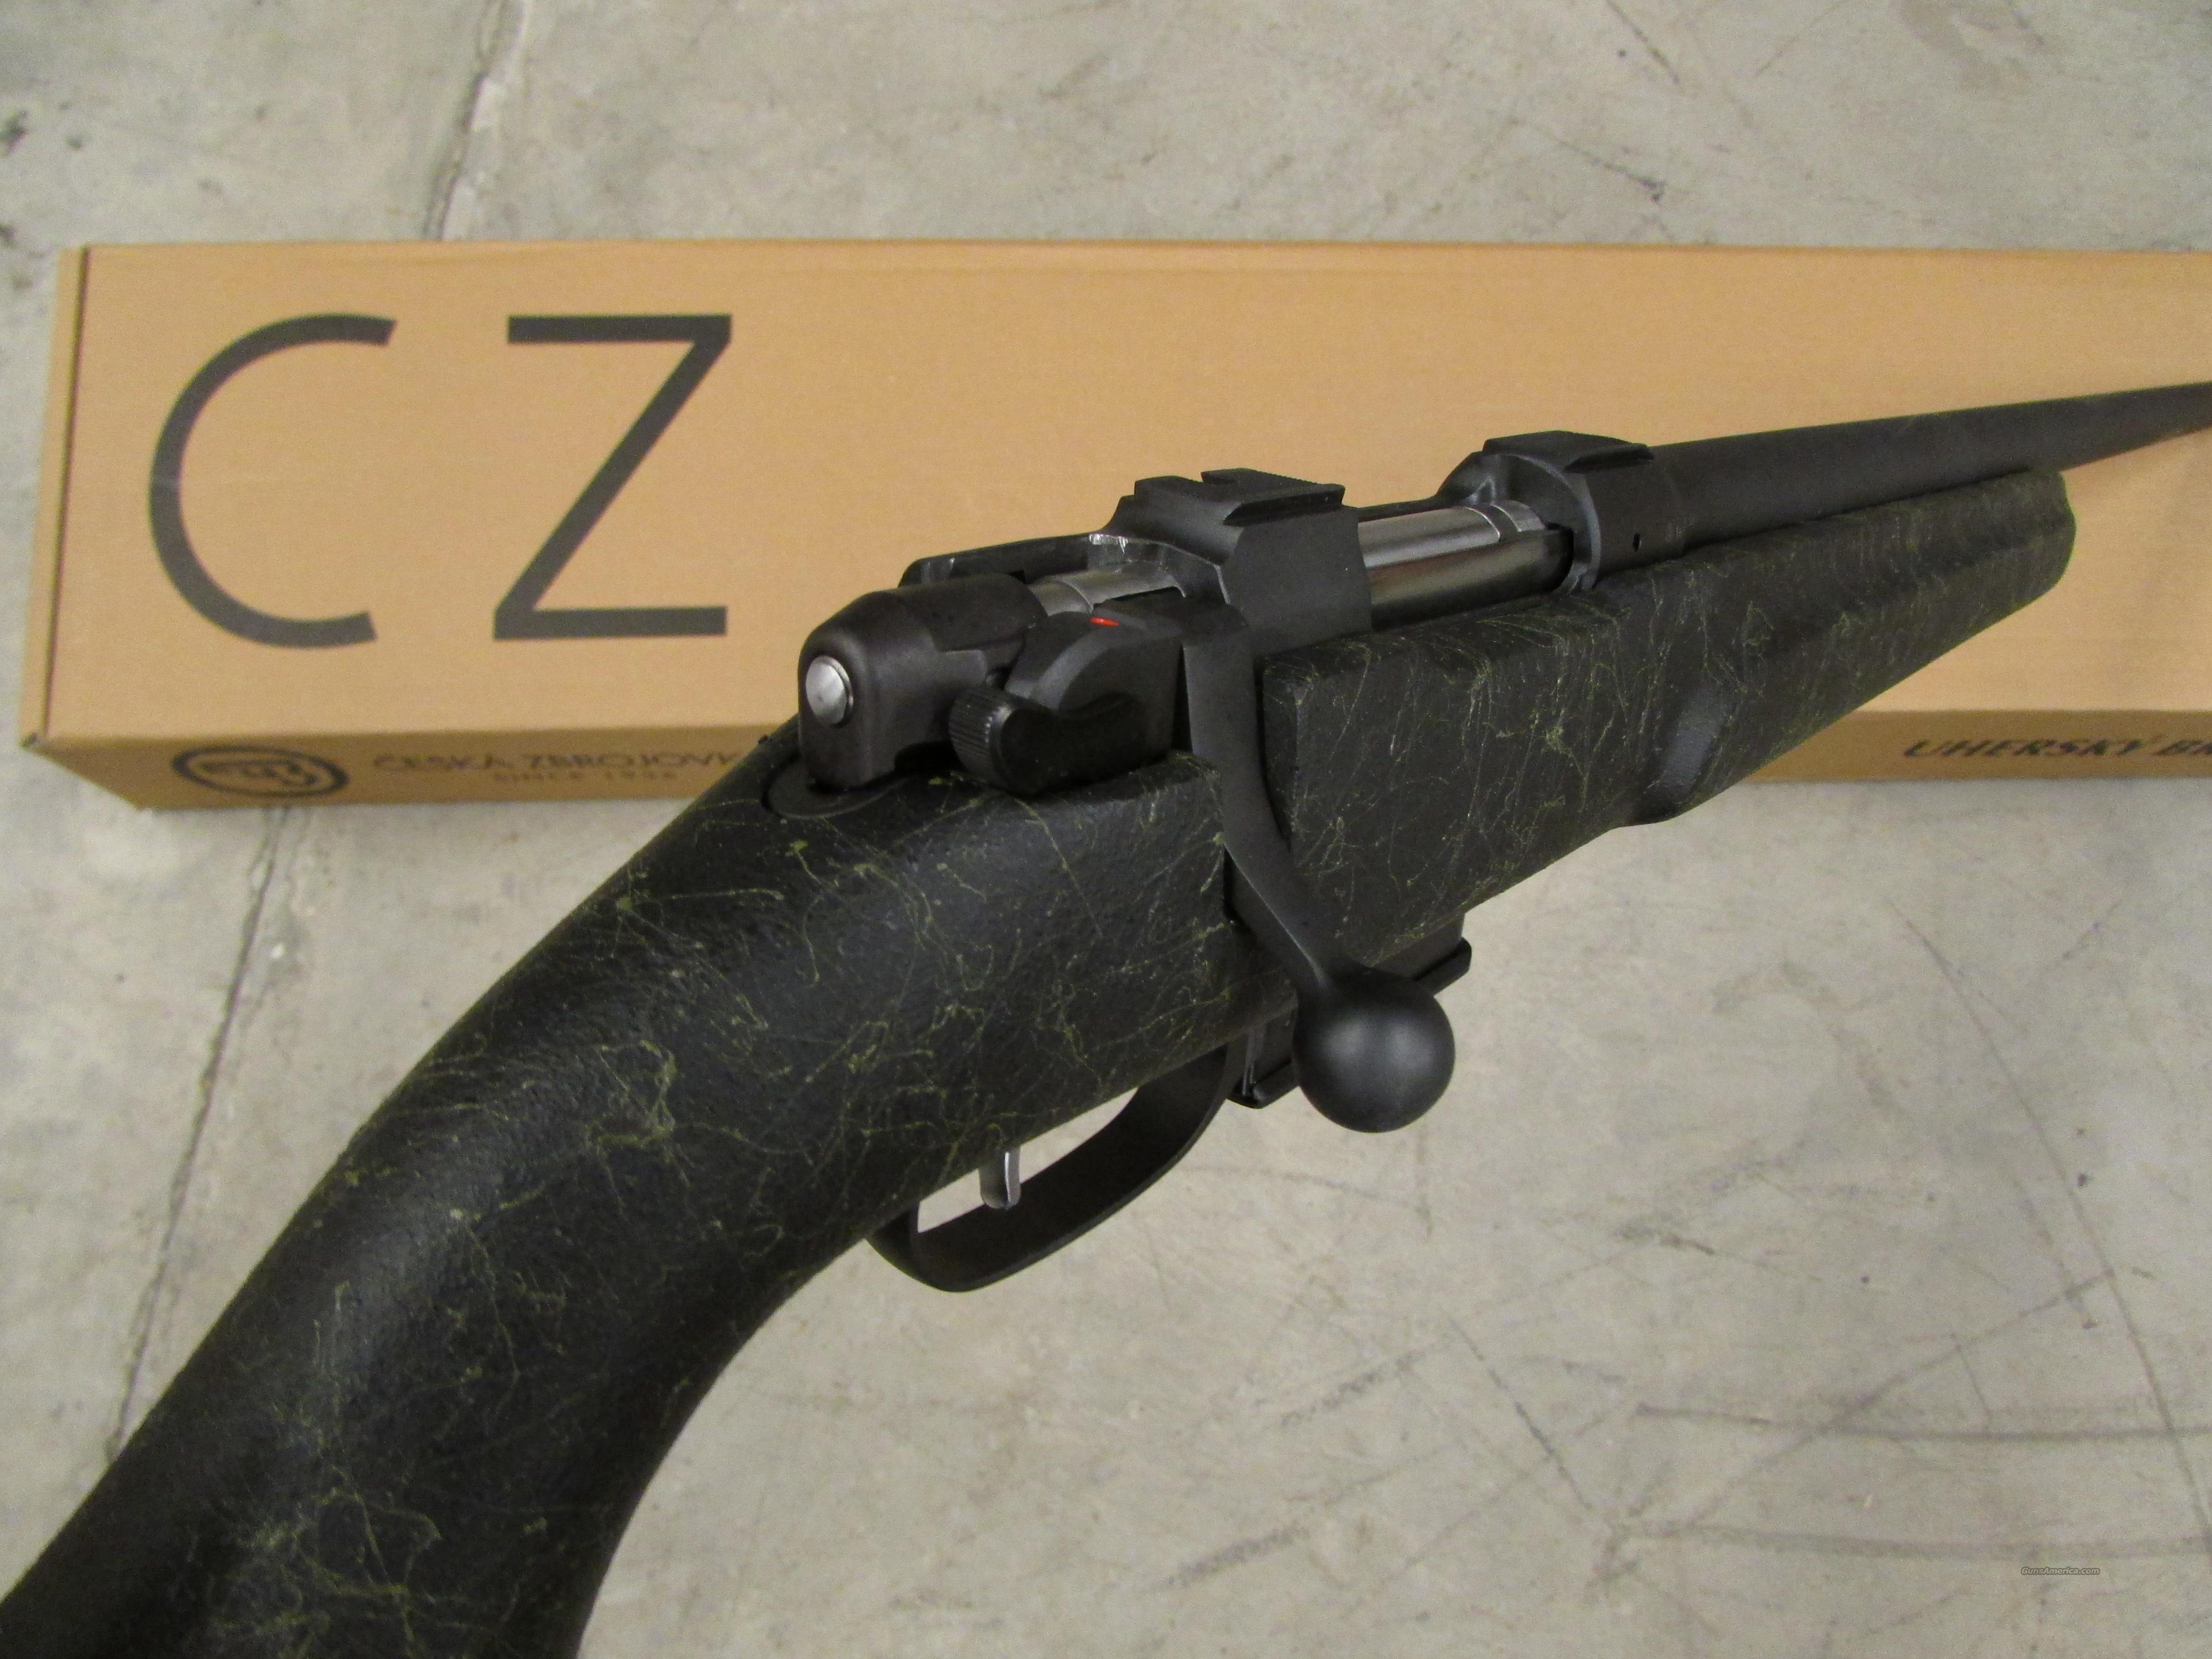 Cz Usa Cz 527 Varmint Target 204 Ruger For Sale